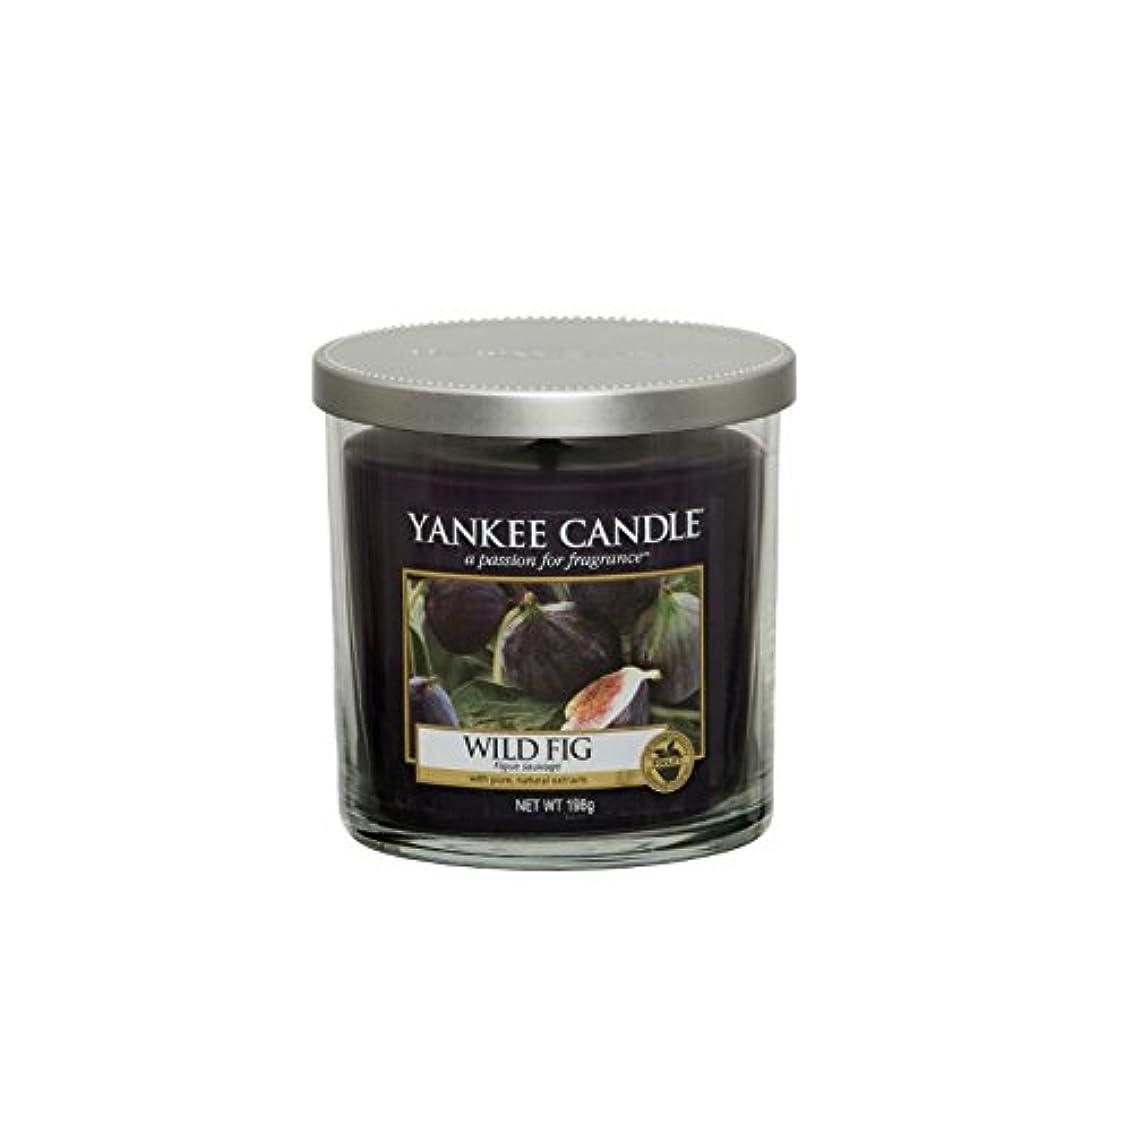 憂慮すべきスティック吸い込むヤンキーキャンドルの小さな柱キャンドル - 野生のイチジク - Yankee Candles Small Pillar Candle - Wild Fig (Yankee Candles) [並行輸入品]